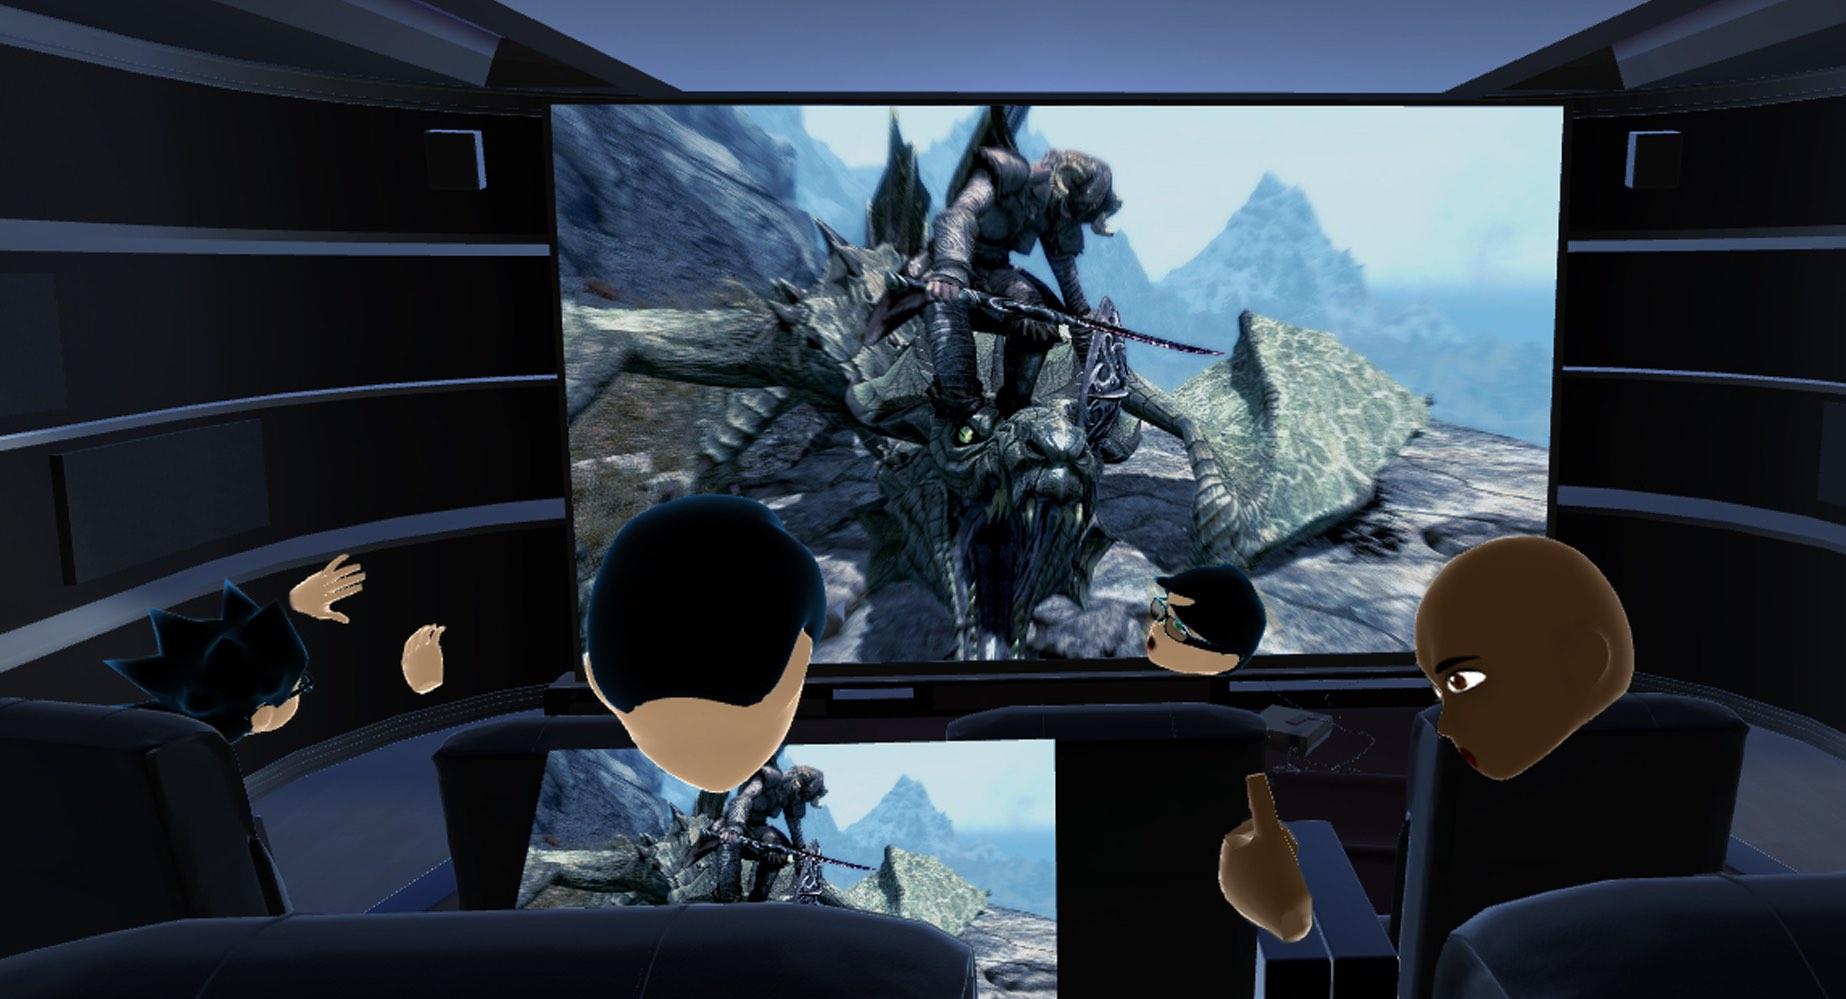 Mit VR-Headset kostenlos ins virtuelle Kino